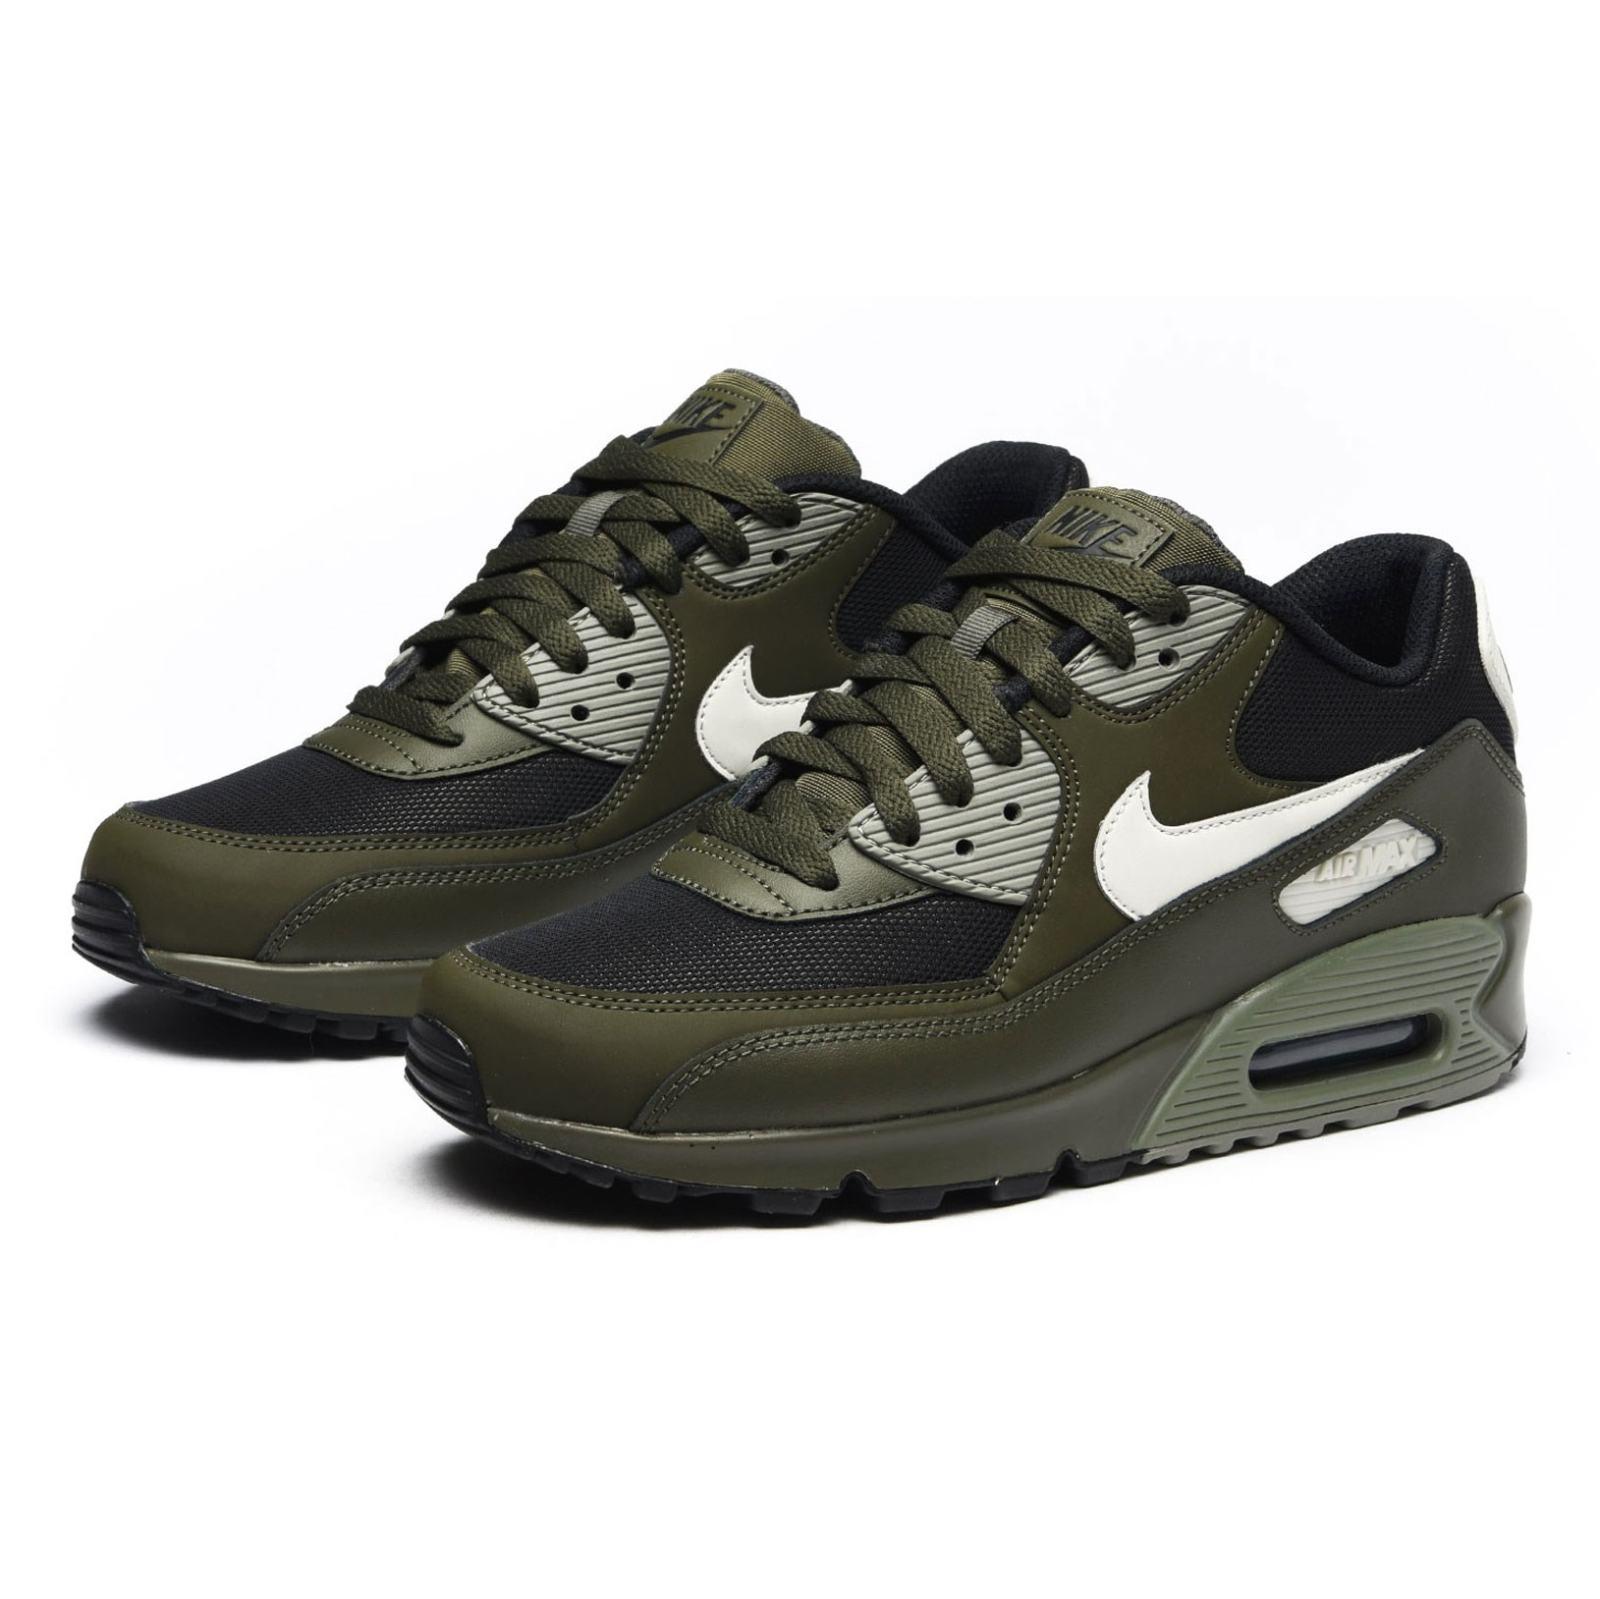 کفش ورزشی دویدن مردانه Air Max 90 Essential - نایکی - زيتوني تيره - 2